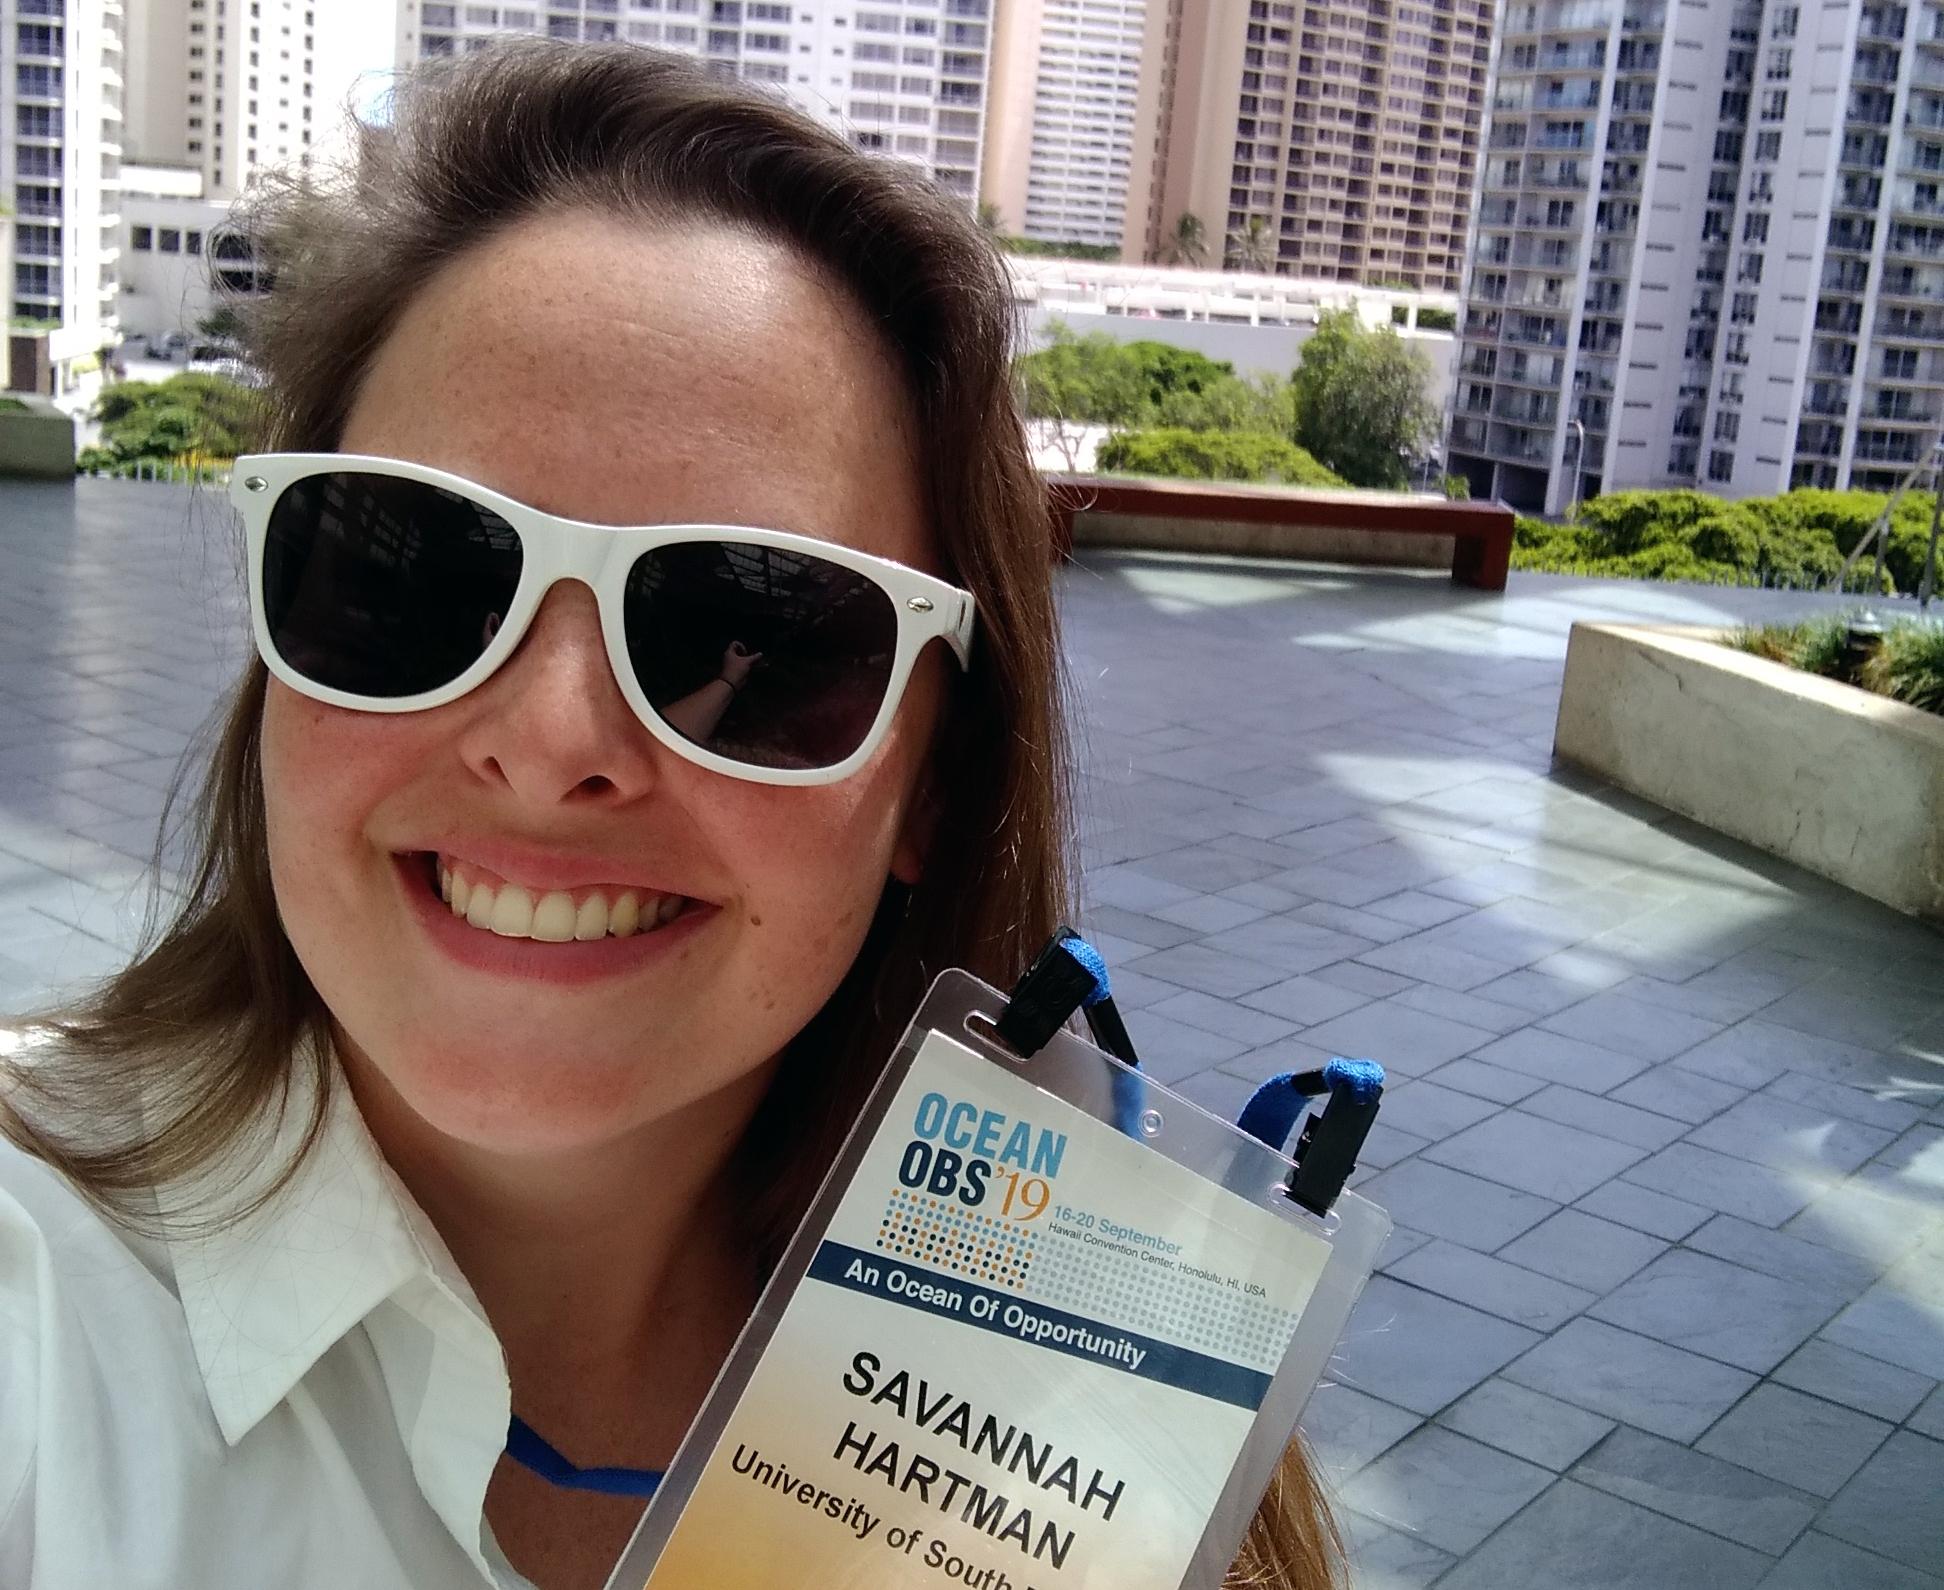 Savannah Hartman at the Hawaiian Convention Center